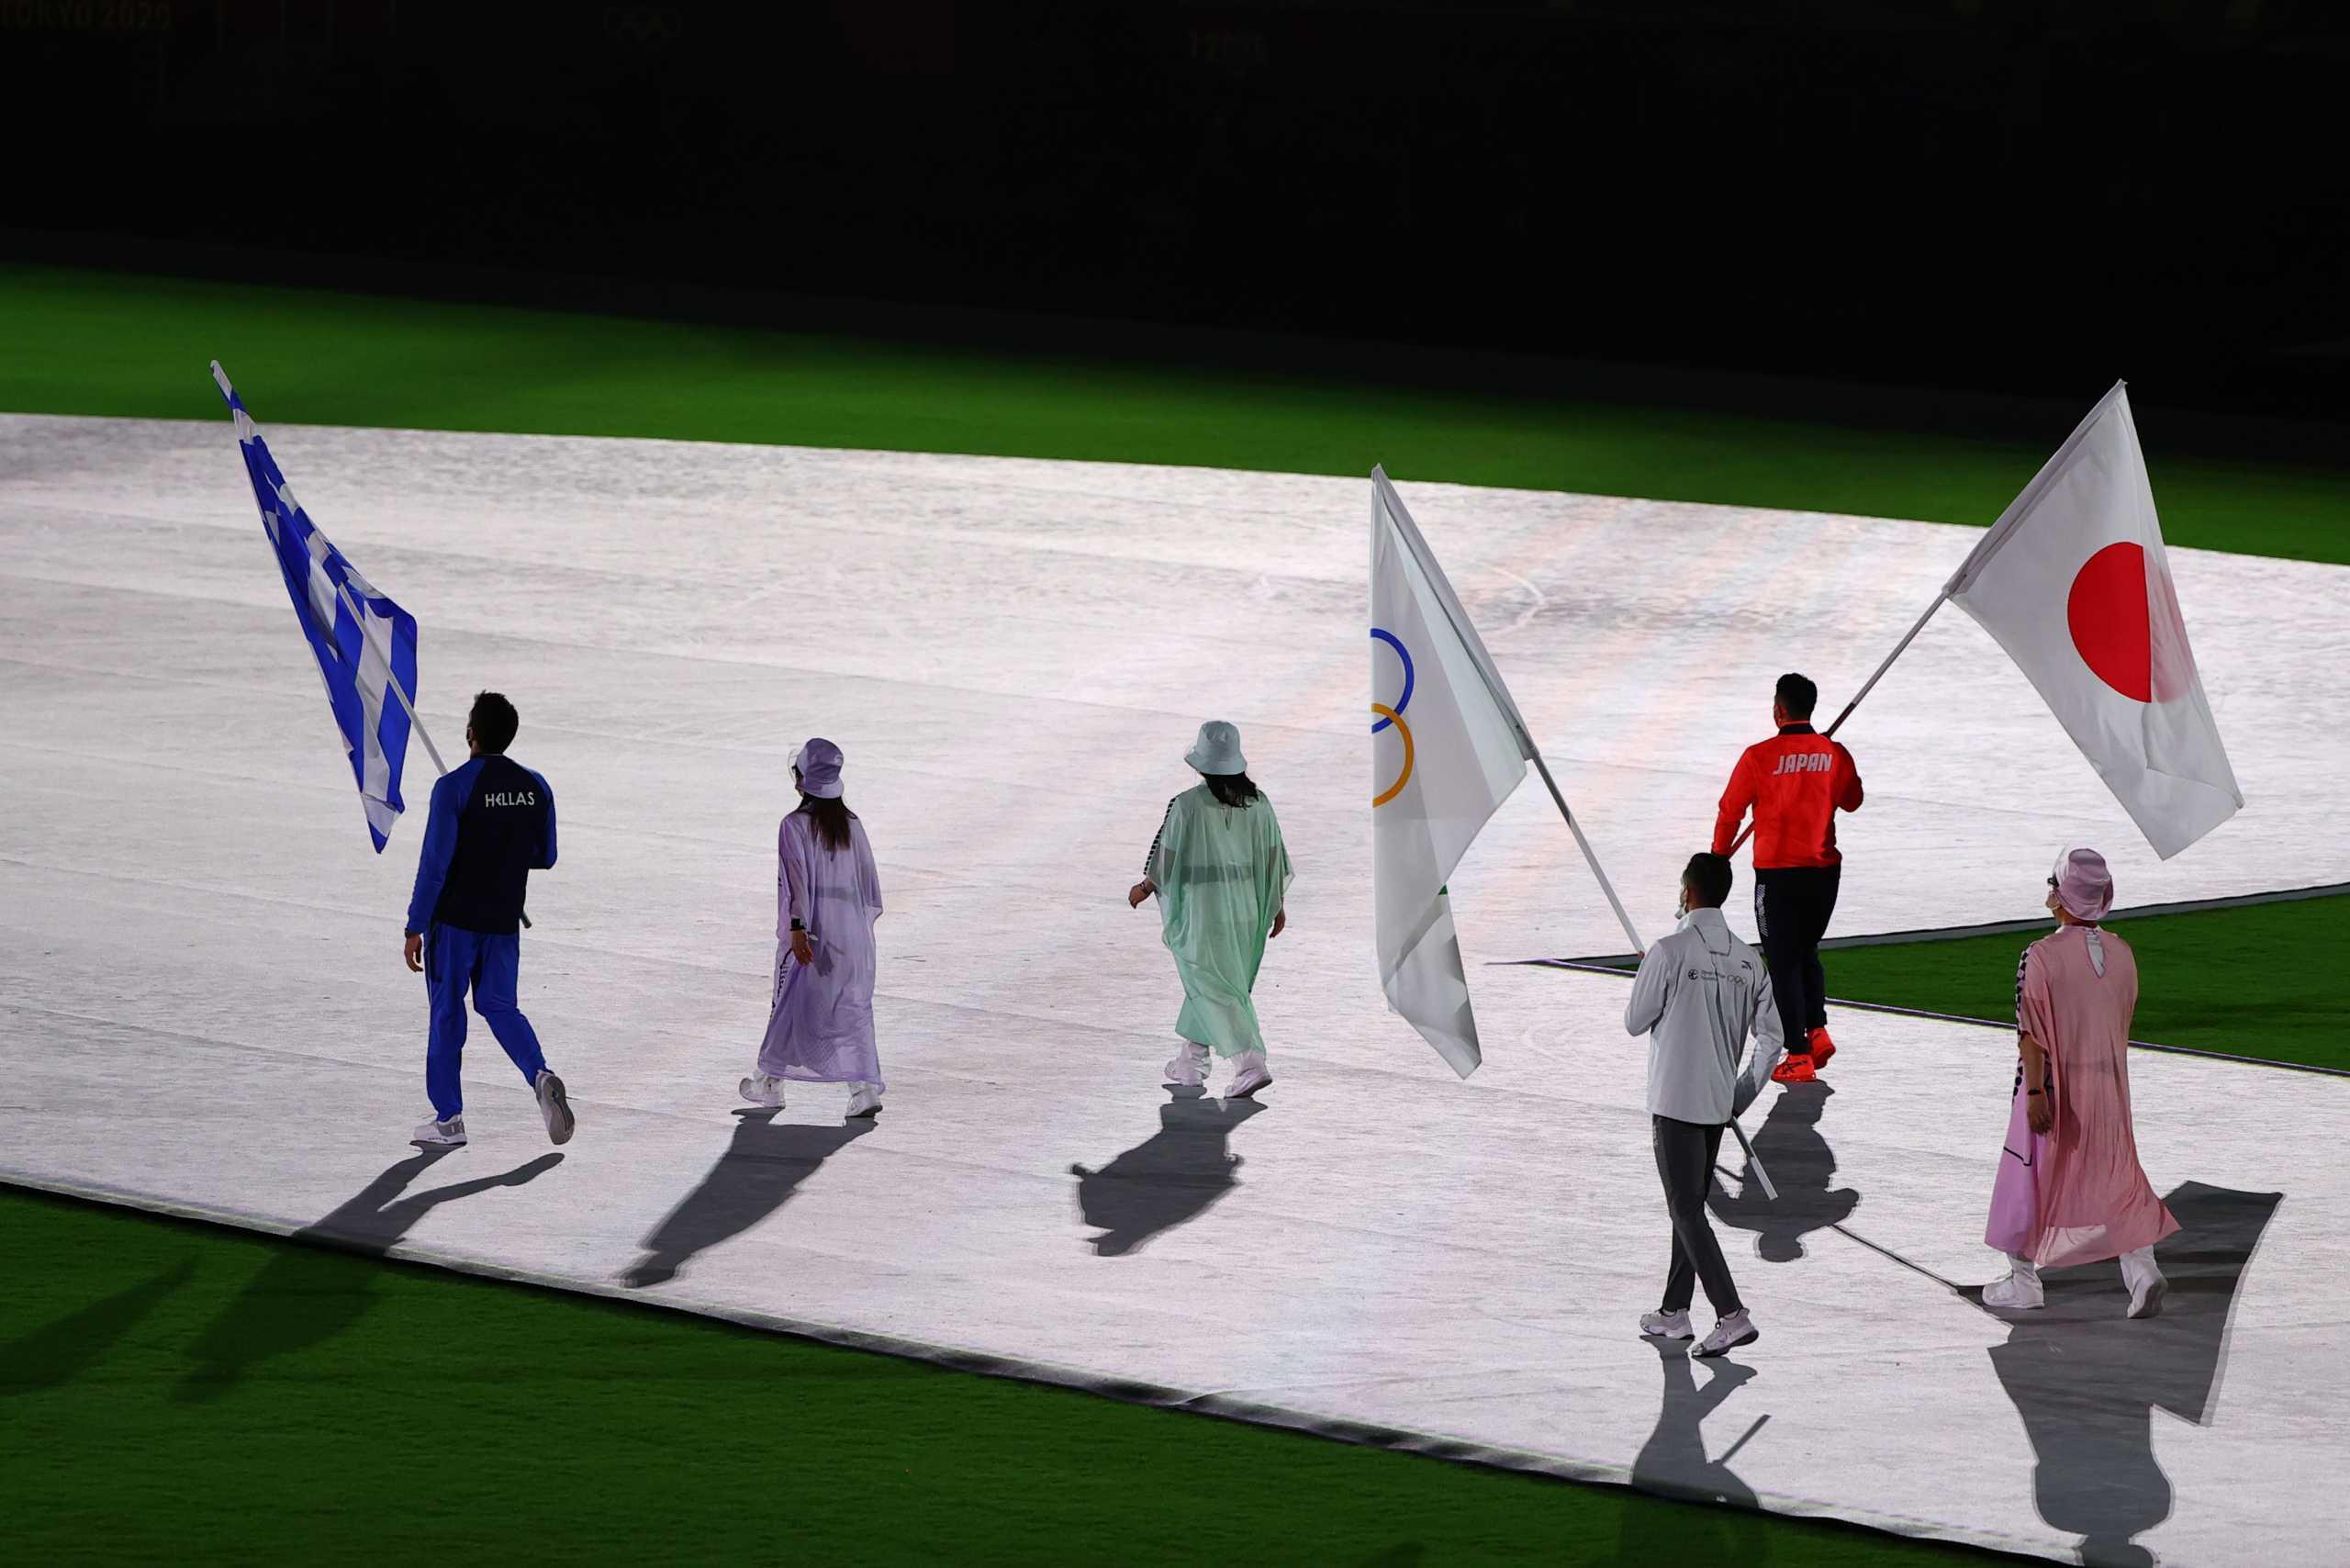 Ολυμπιακοί Αγώνες: Η είσοδος του σημαιοφόρου Γιάννη Φουντούλη και των Ελλήνων αθλητών στην τελετή λήξης